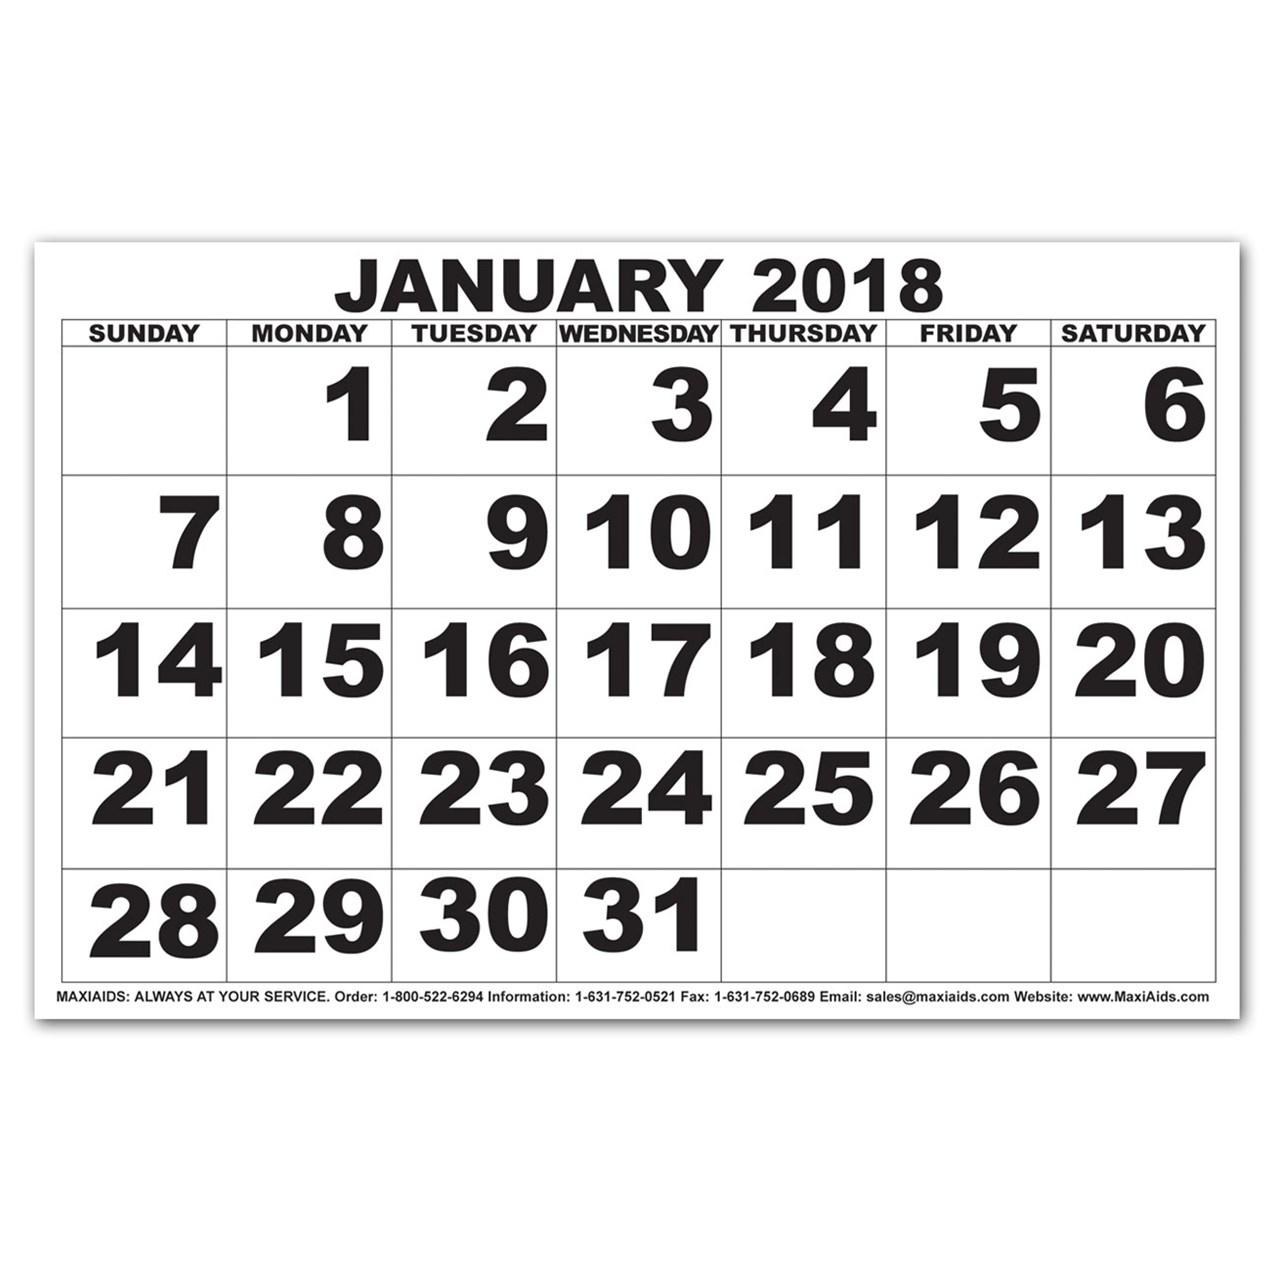 Maxiaids Low Vision Print Calendar 20183abry